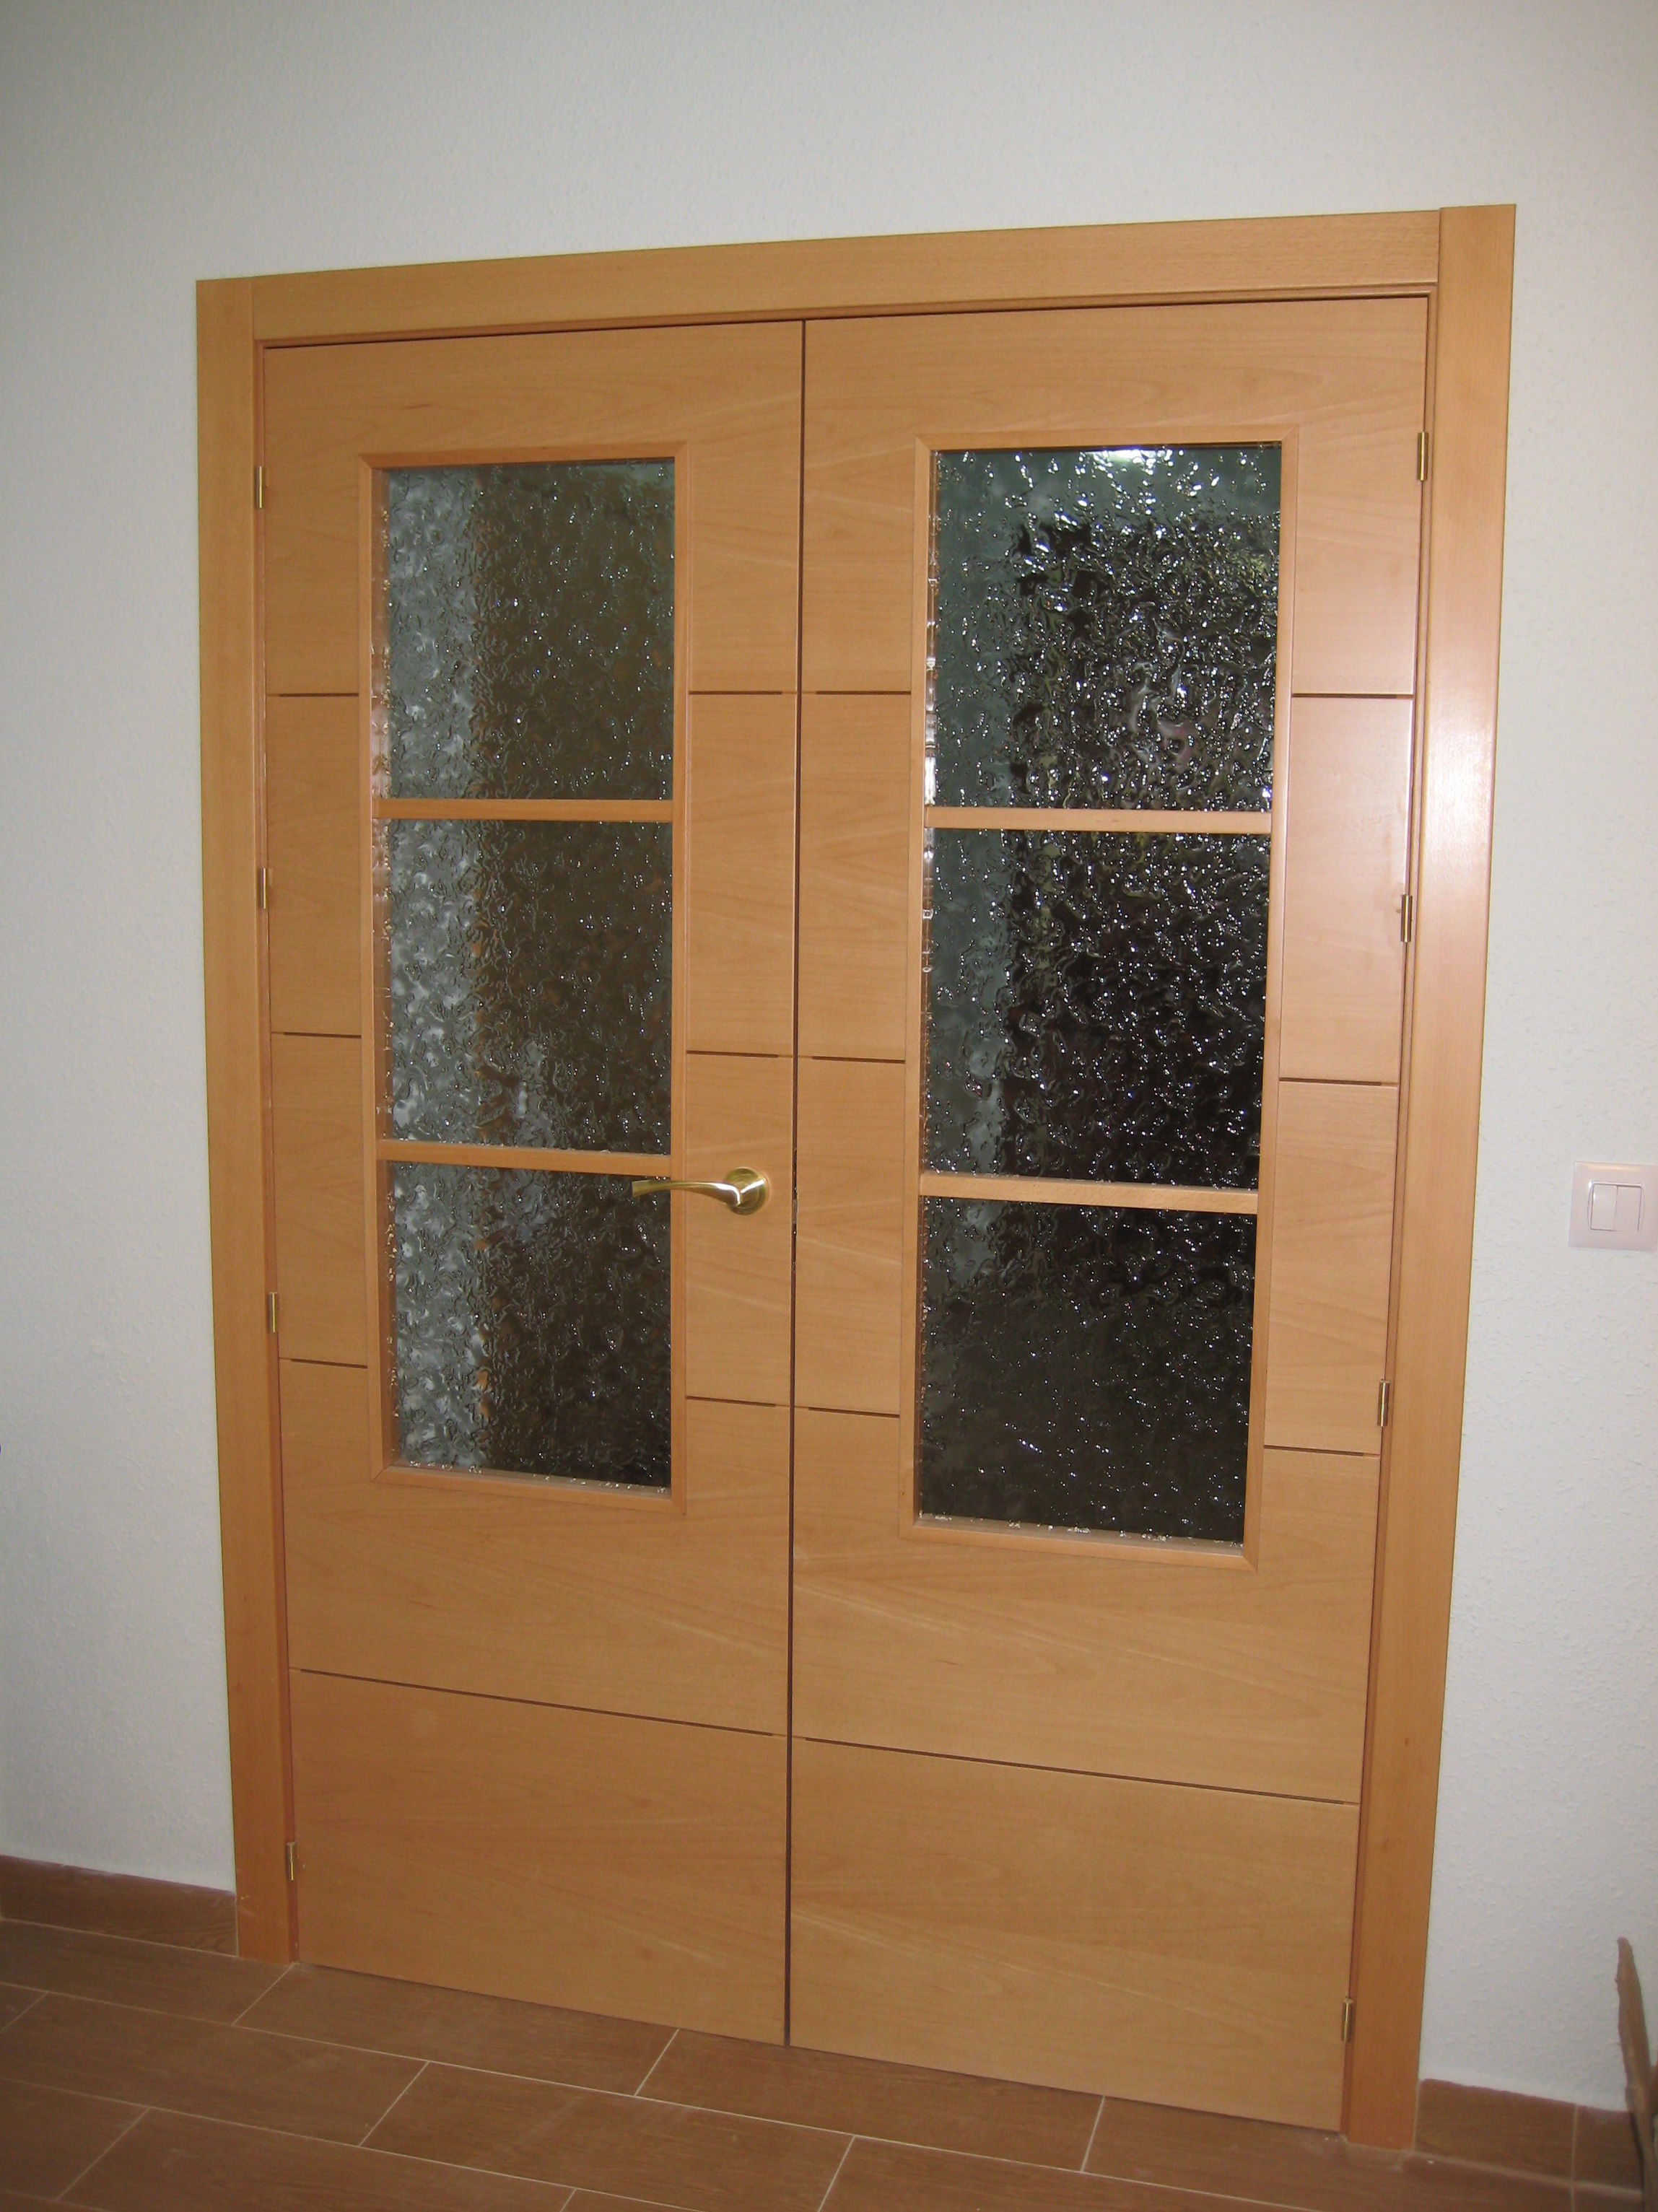 Puerta doble de salón modelo 4 rayas V3 en haya vaporizada